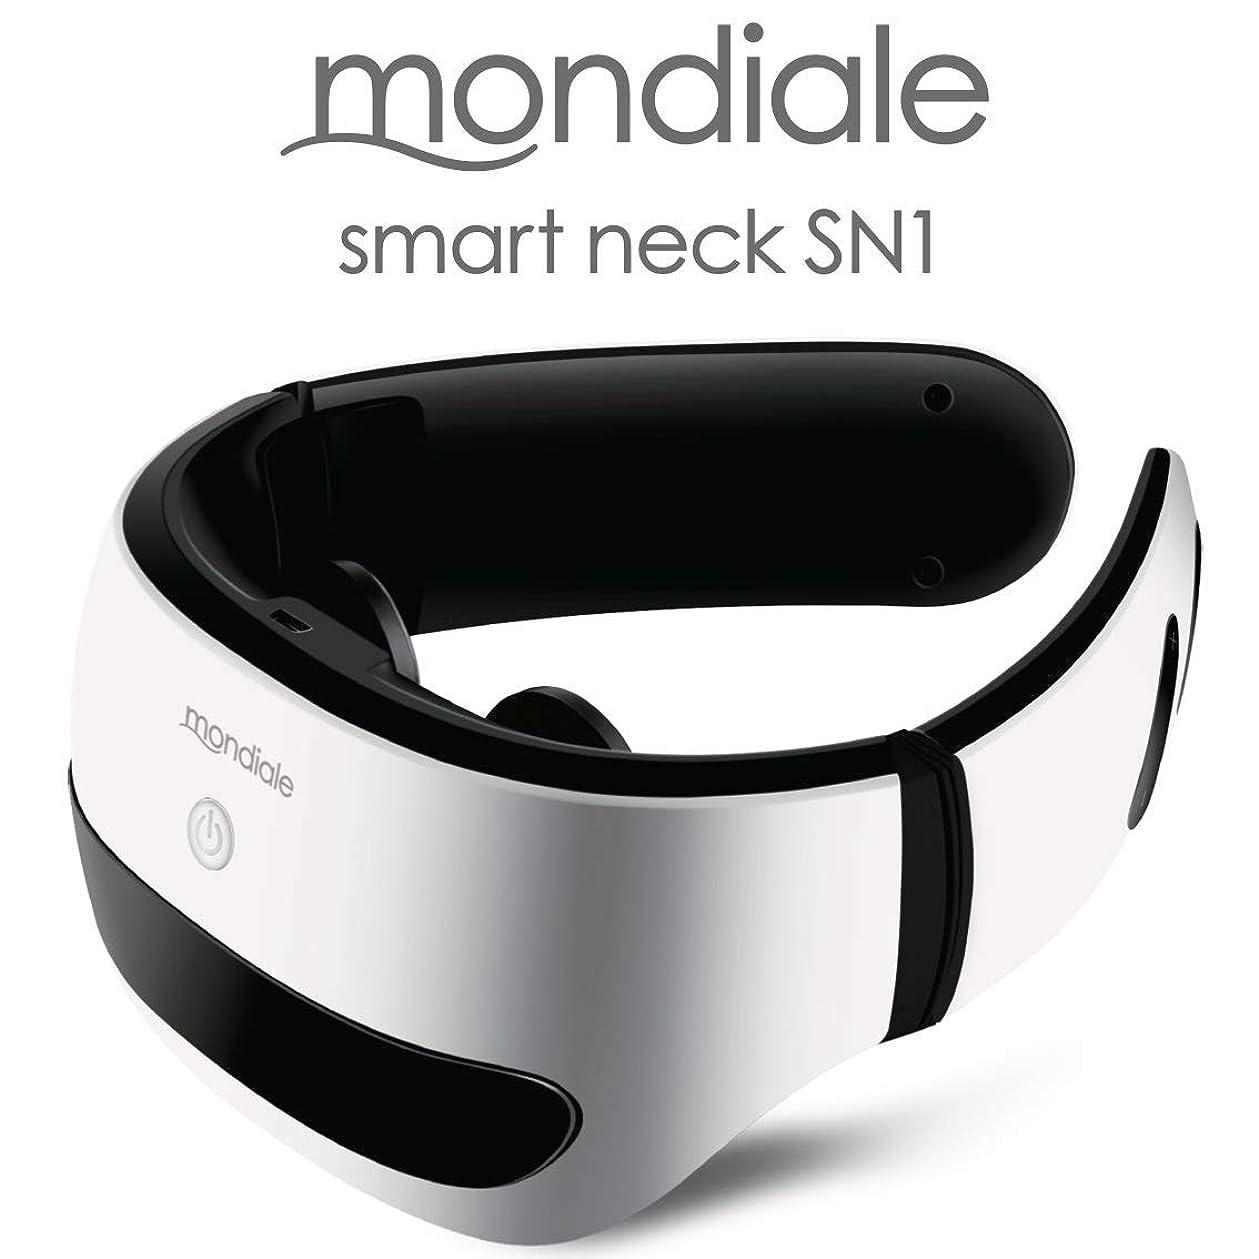 性的成人期抵当モンデール スマートネック SN1 mondiale smart neck SN1